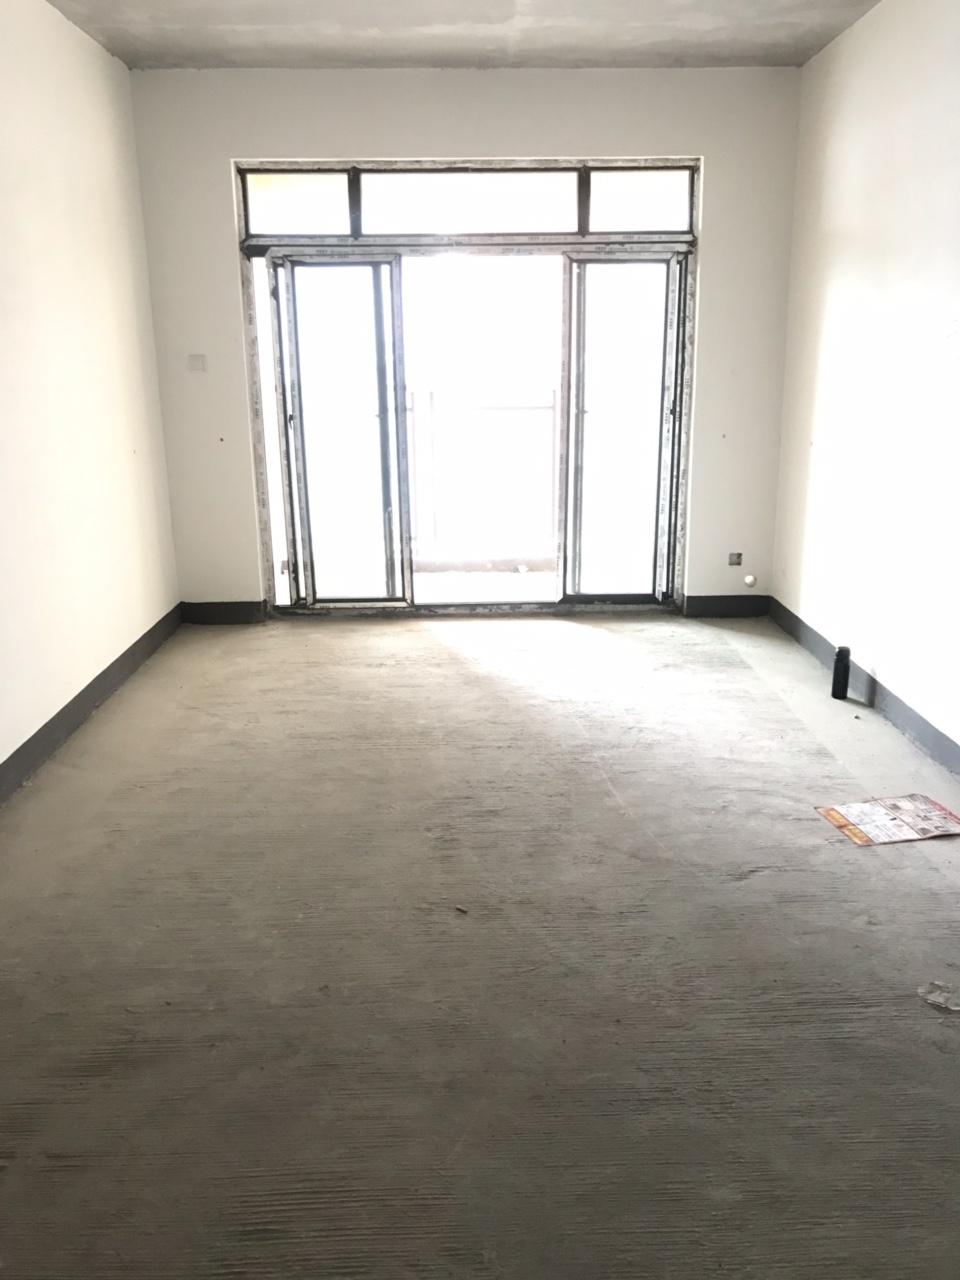 黃家院子清水房3室2廳2衛45萬元